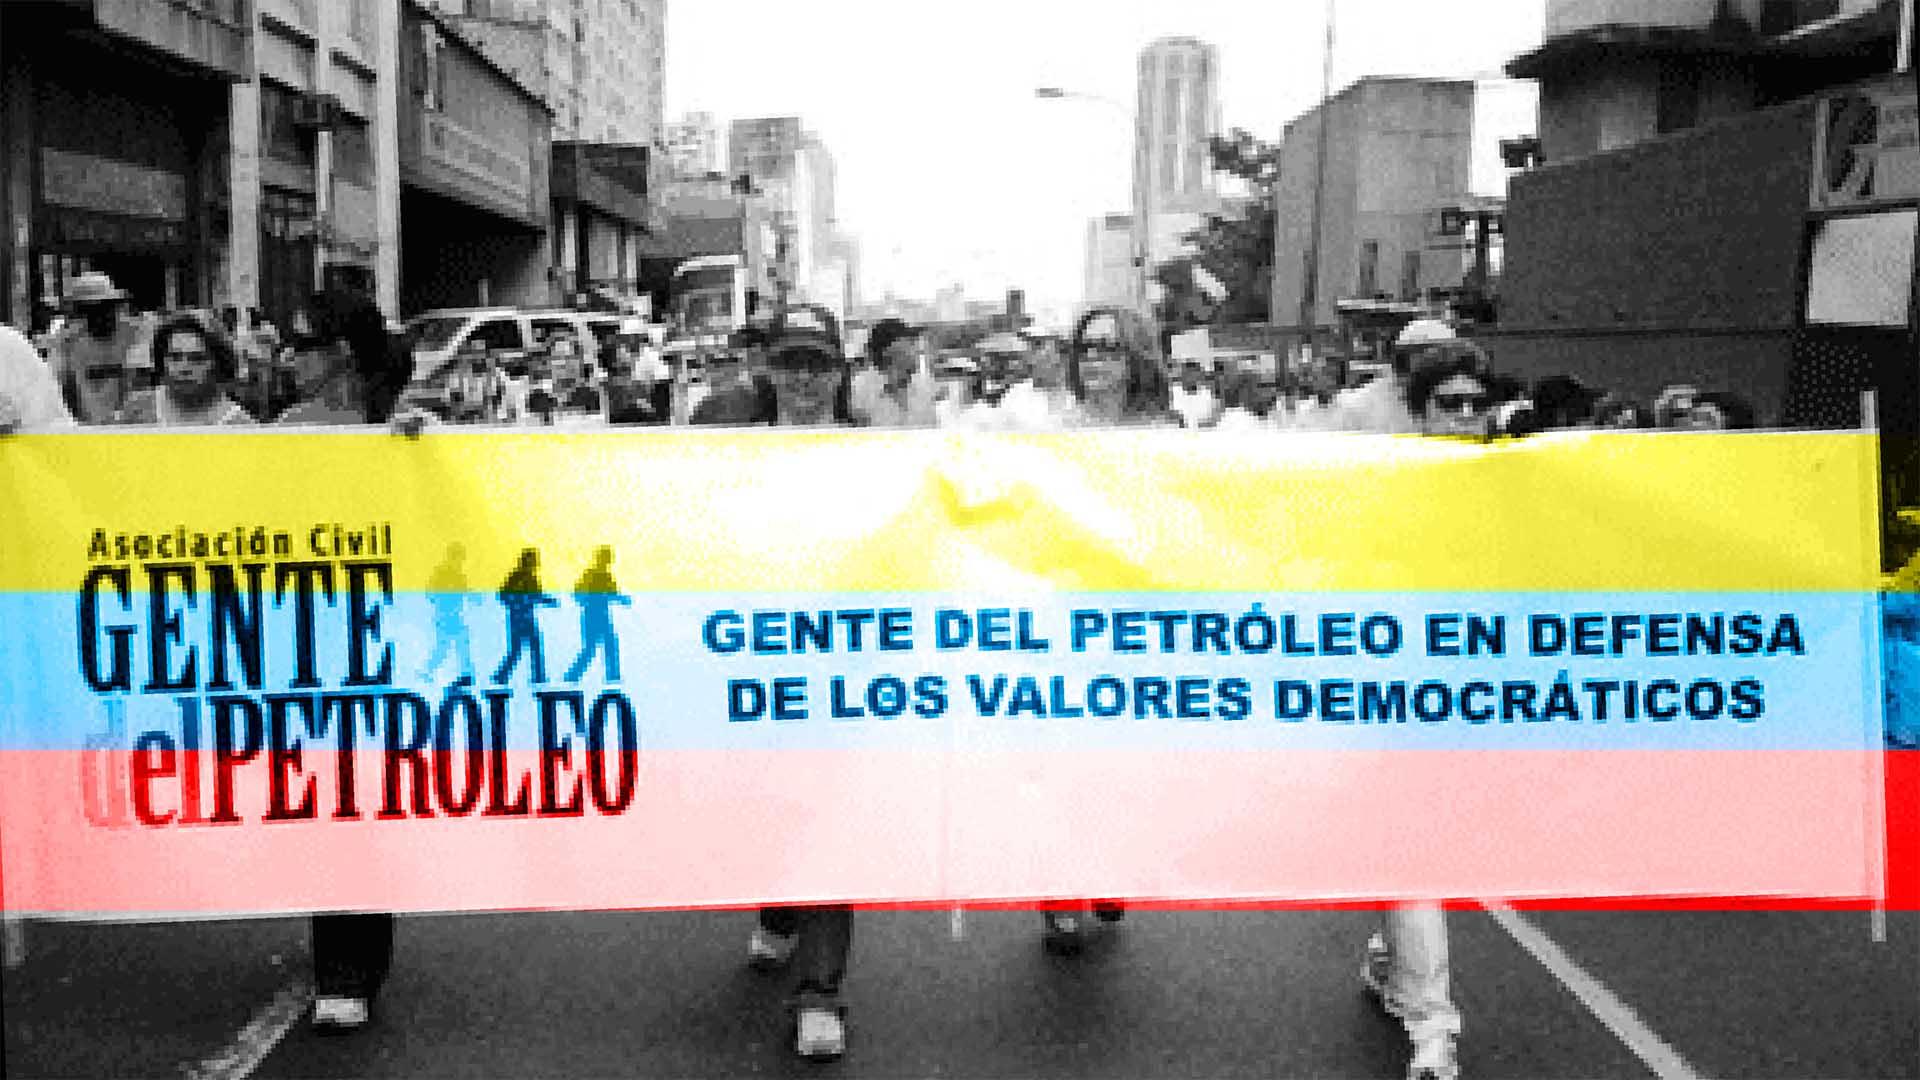 Gente del Petróleo y Unapetrol: 18 años, por Eddie A. Ramírez S.